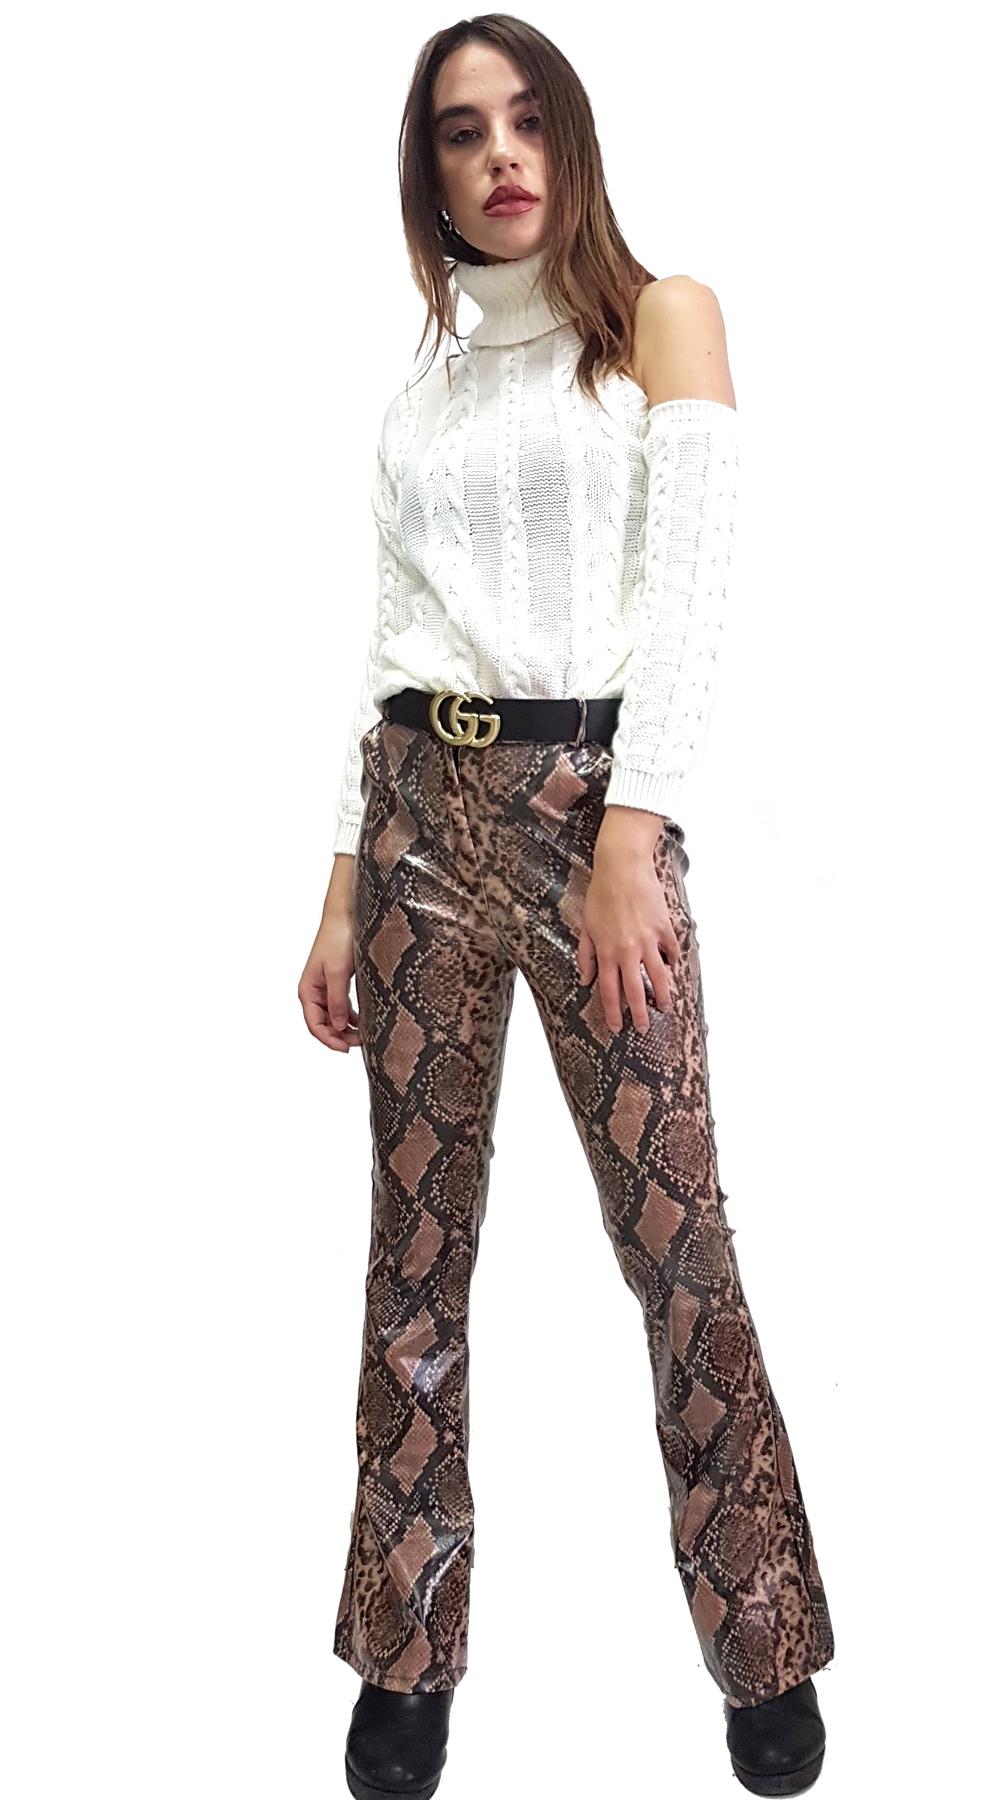 Γυαλιστερή Snake Print Παντελόνα Καμπάνα - MissReina - FW18SOF-39782 animal prints animal prints